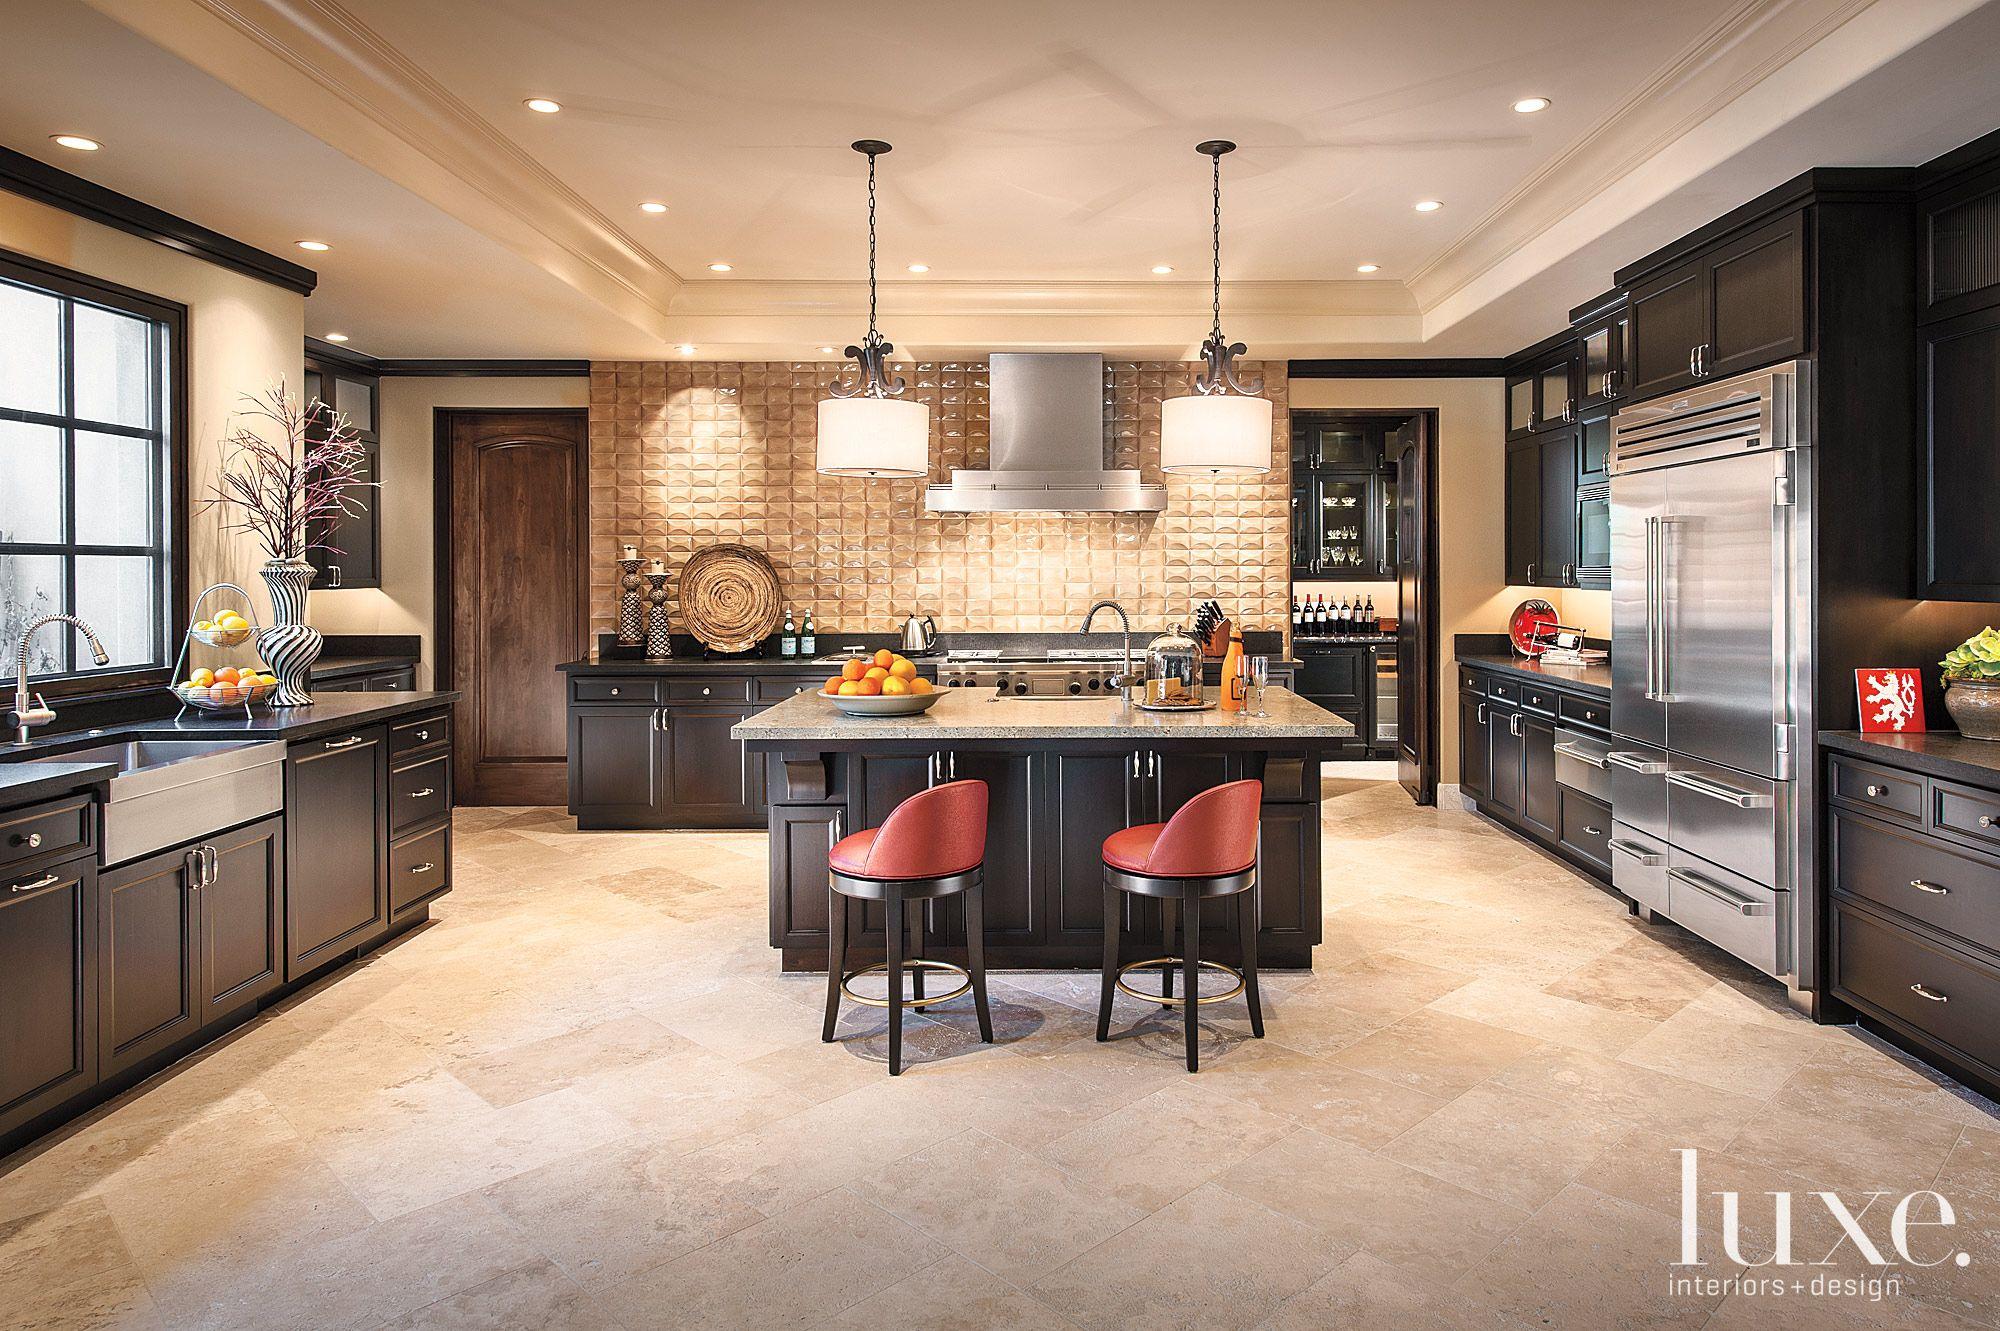 Contemporary Brown Kitchen with Textured Backsplash